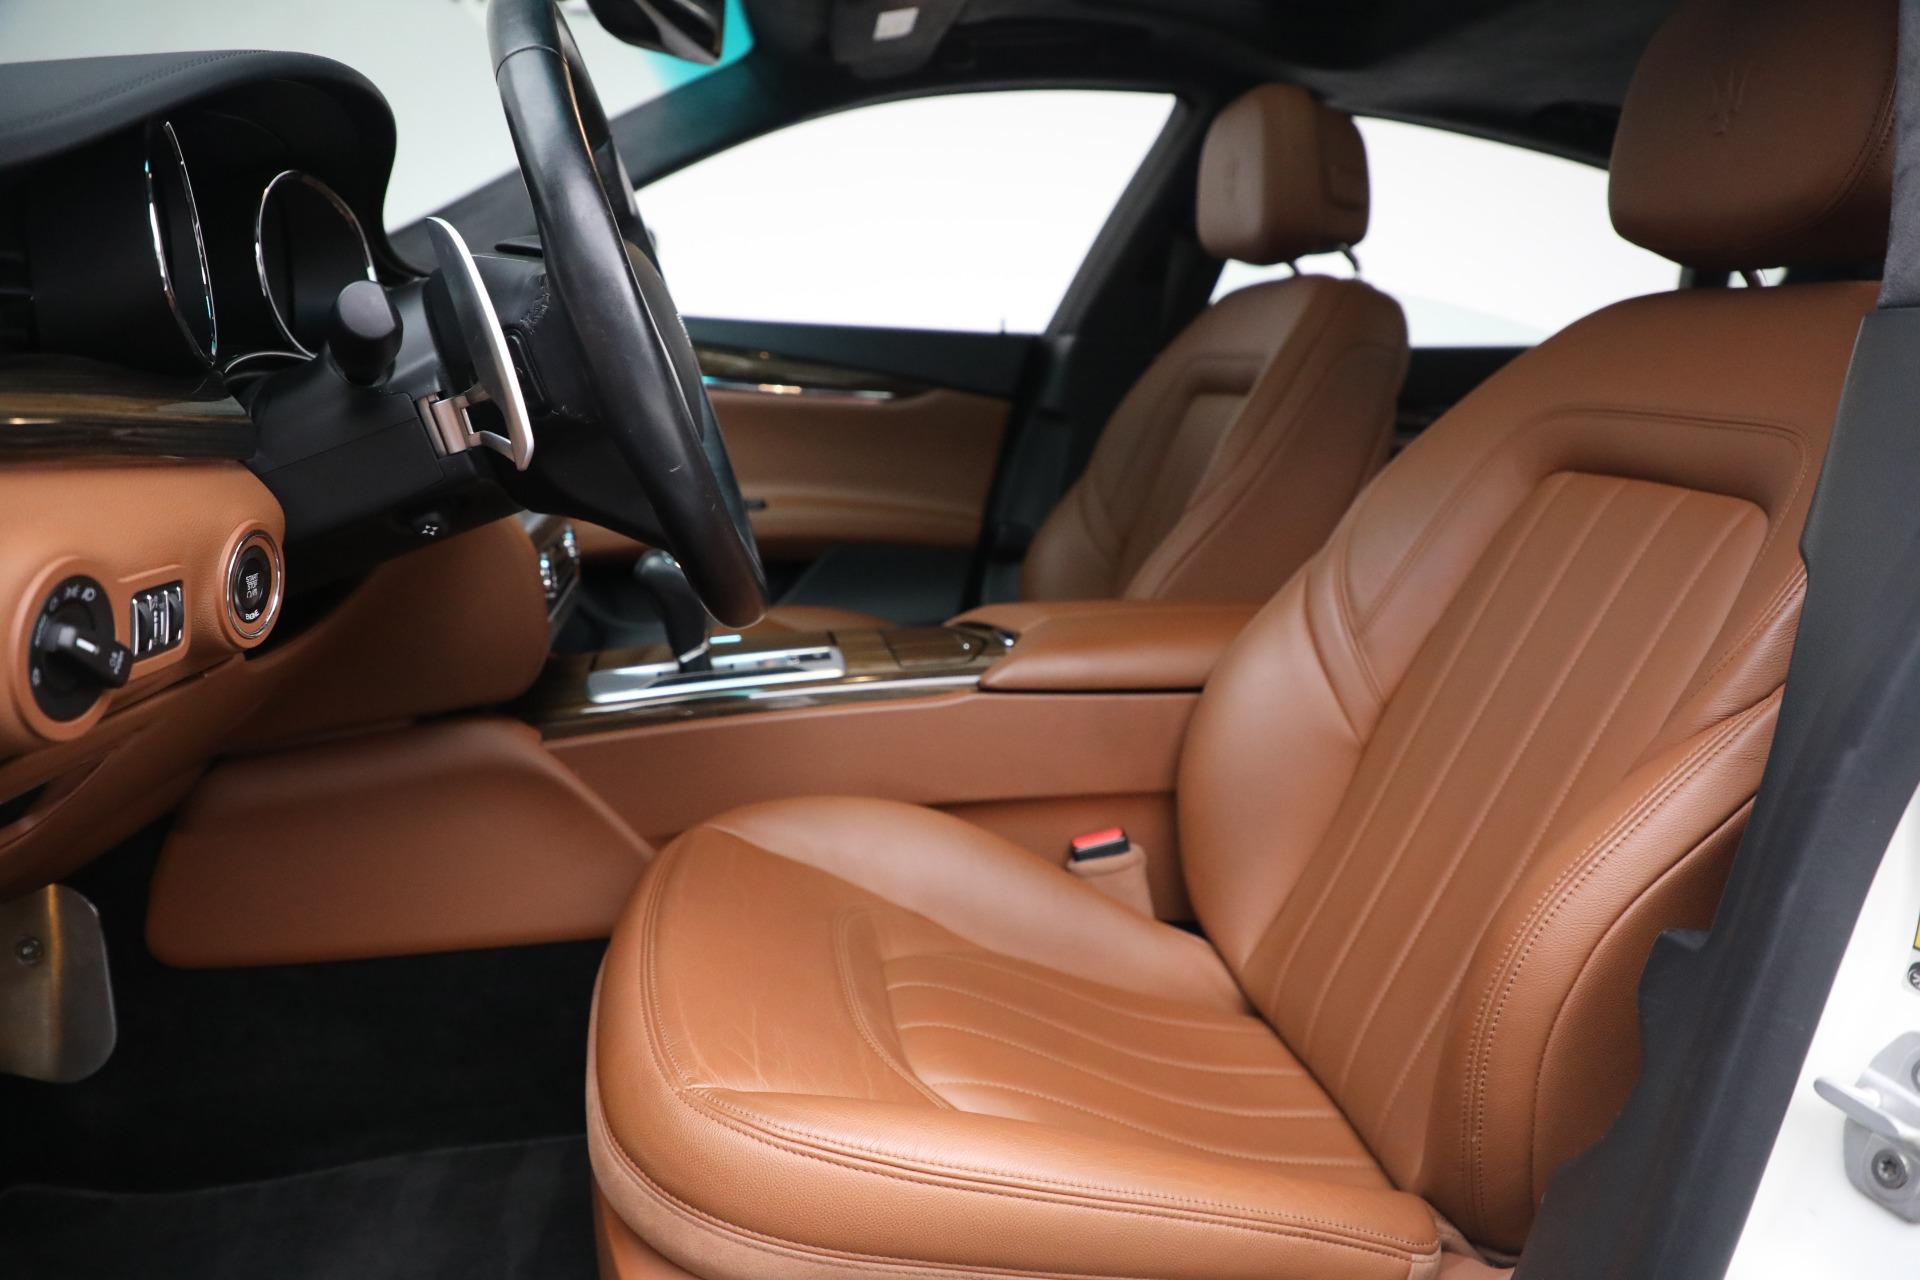 Used 2015 Maserati Quattroporte S Q4 For Sale In Westport, CT 2915_p12